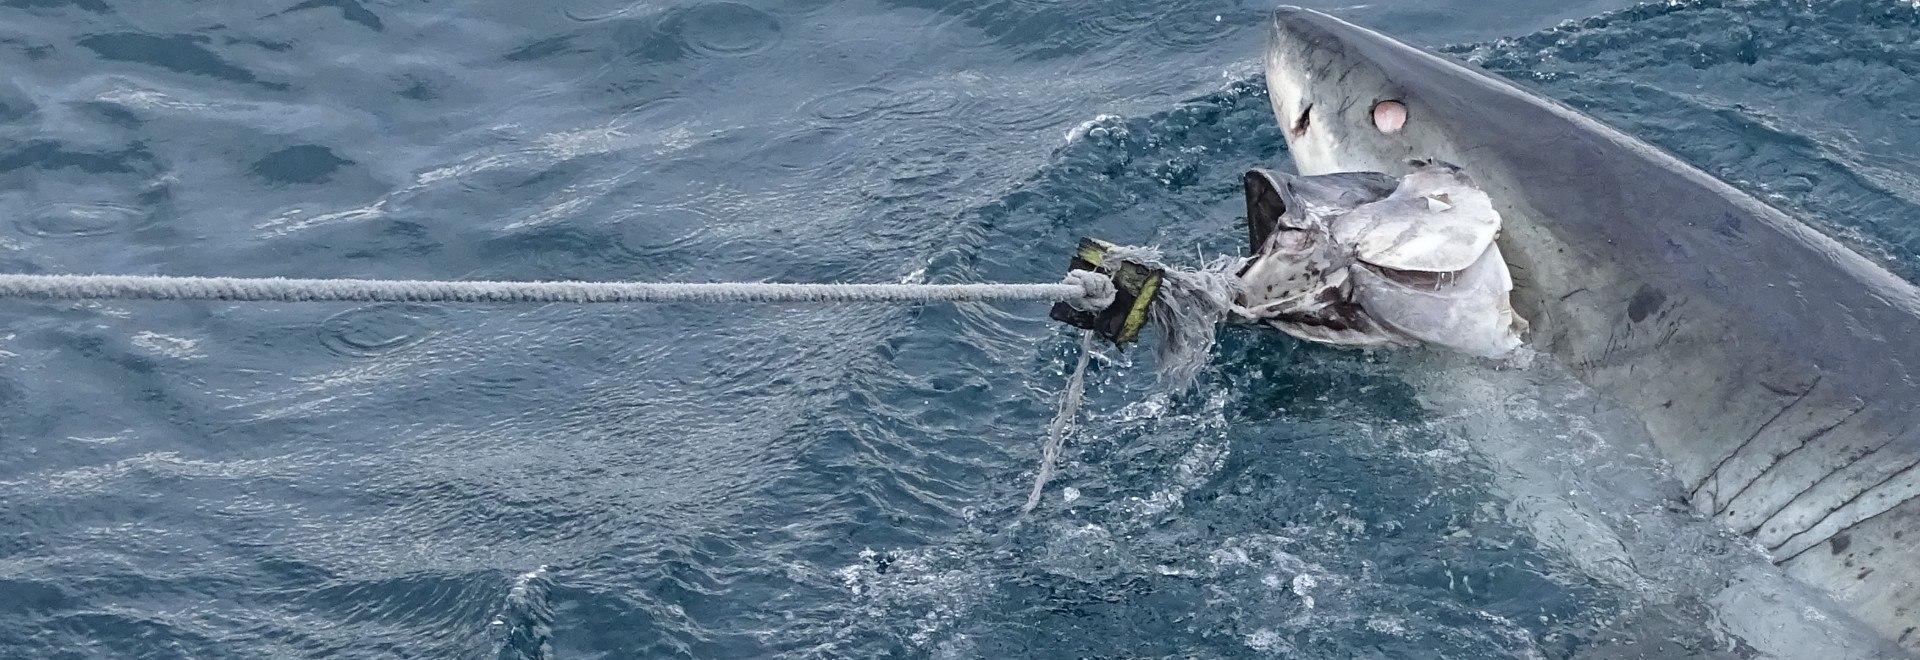 Gli attacchi degli squali